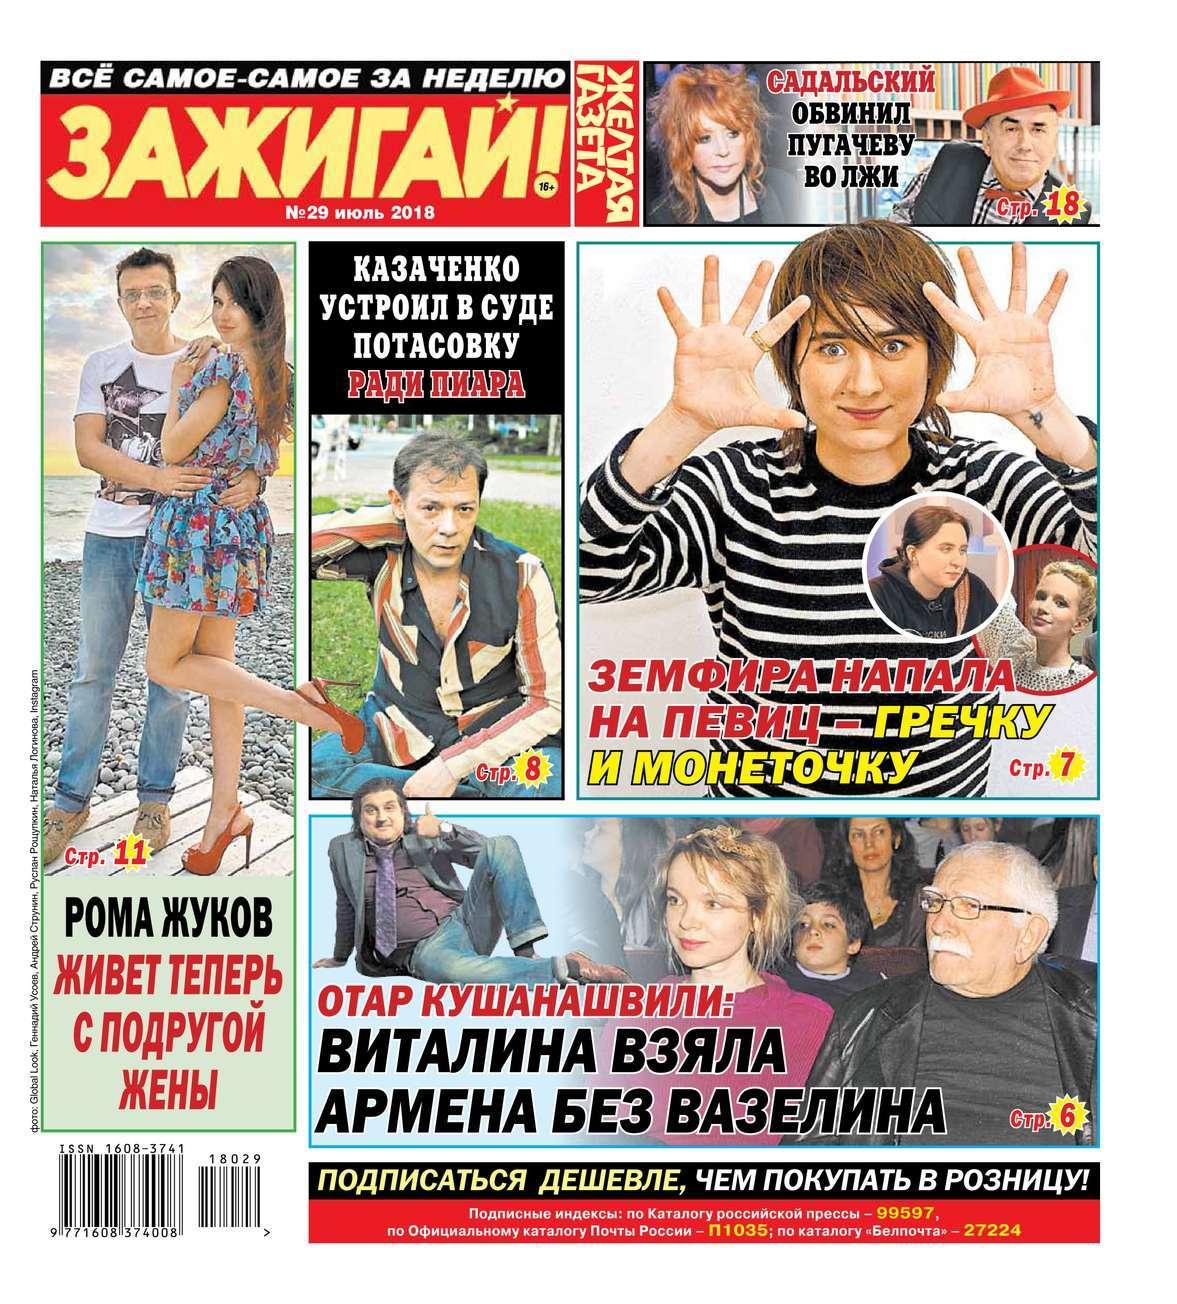 Желтая Газета. Зажигай! 29-2018